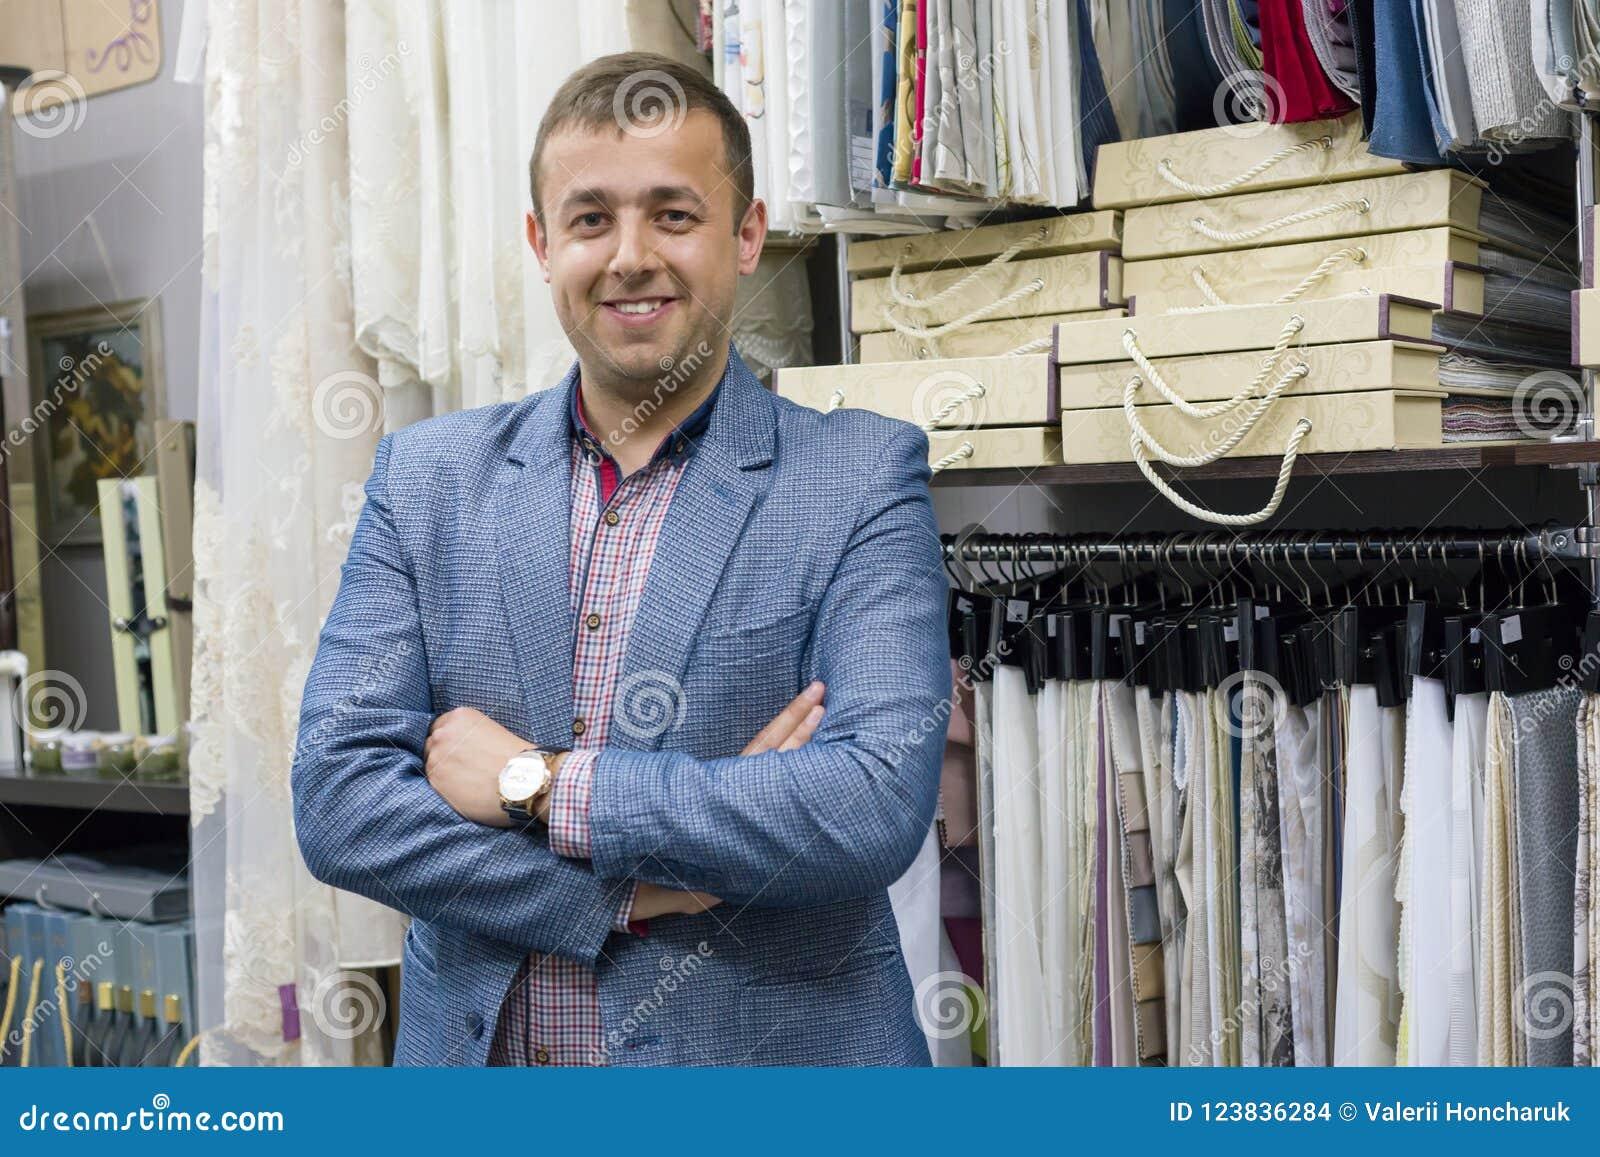 Retrato do proprietário feliz do homem de negócios com os braços cruzados na loja interior das telas, amostras da tela do fundo T